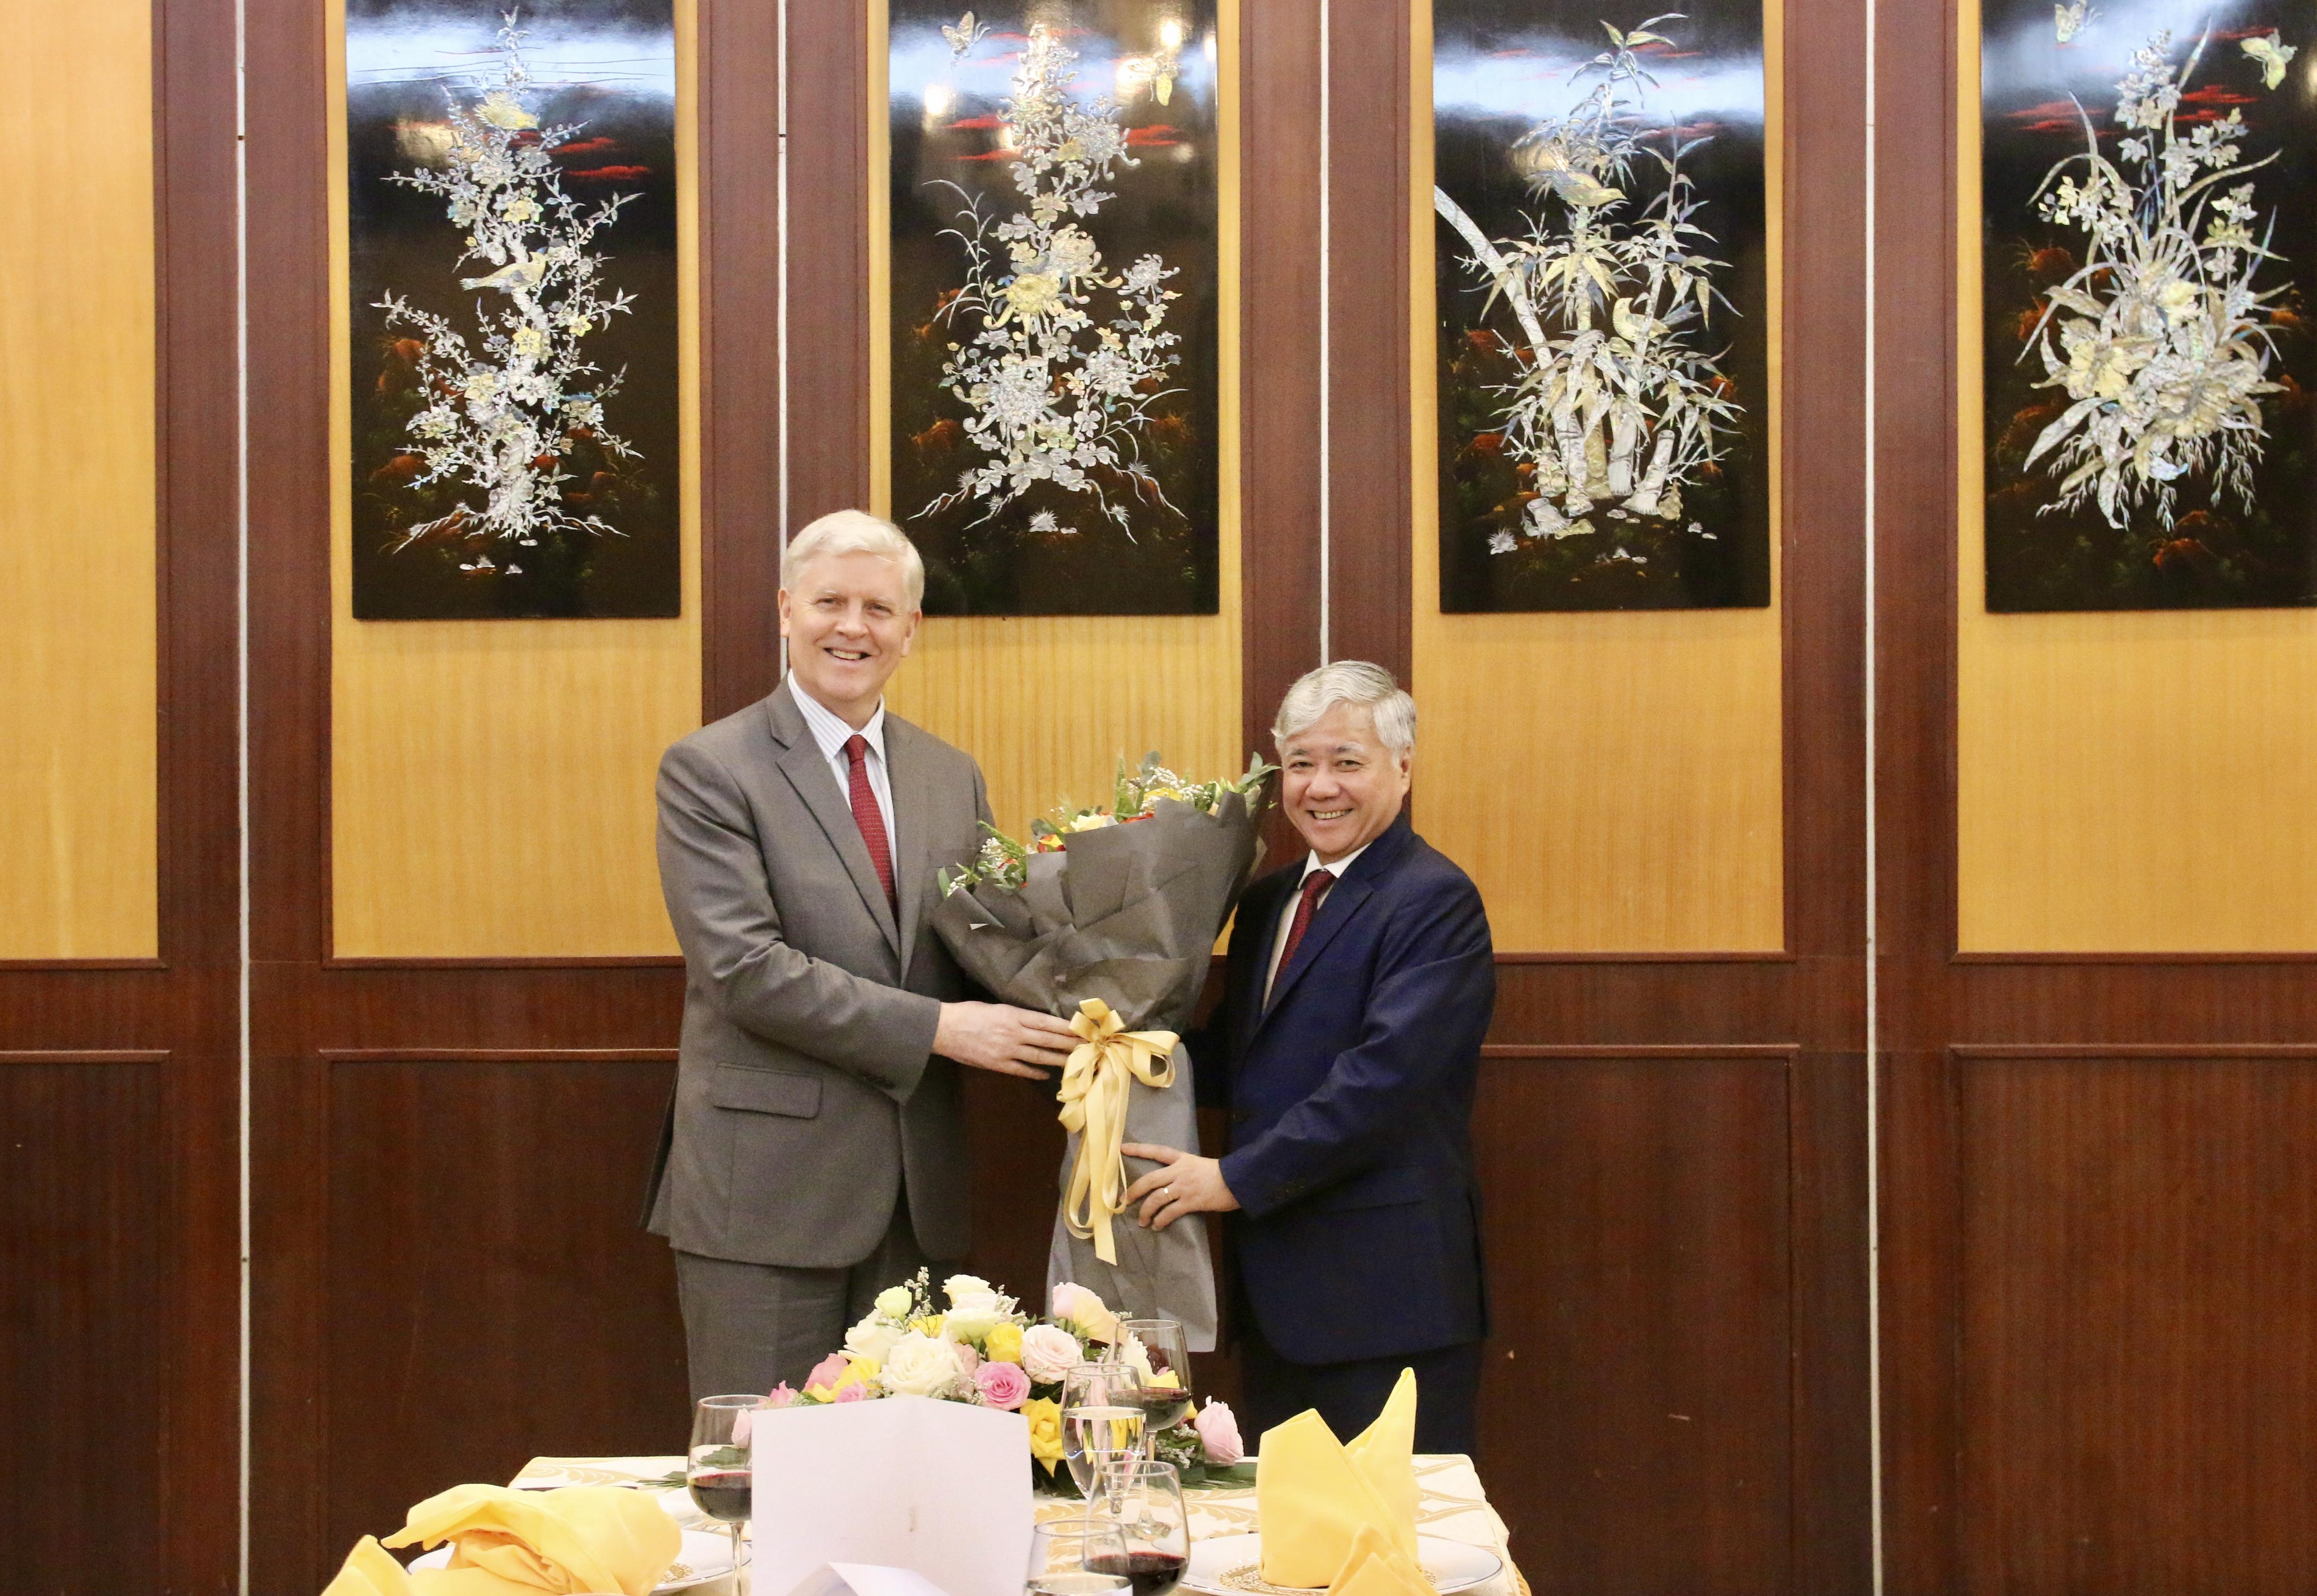 Bộ trưởng, Chủ nhiệm UBDT Đỗ Văn Chiến tặng hoa cho ông Eric Sidgwick, Giám đốc ADB tại Việt Nam